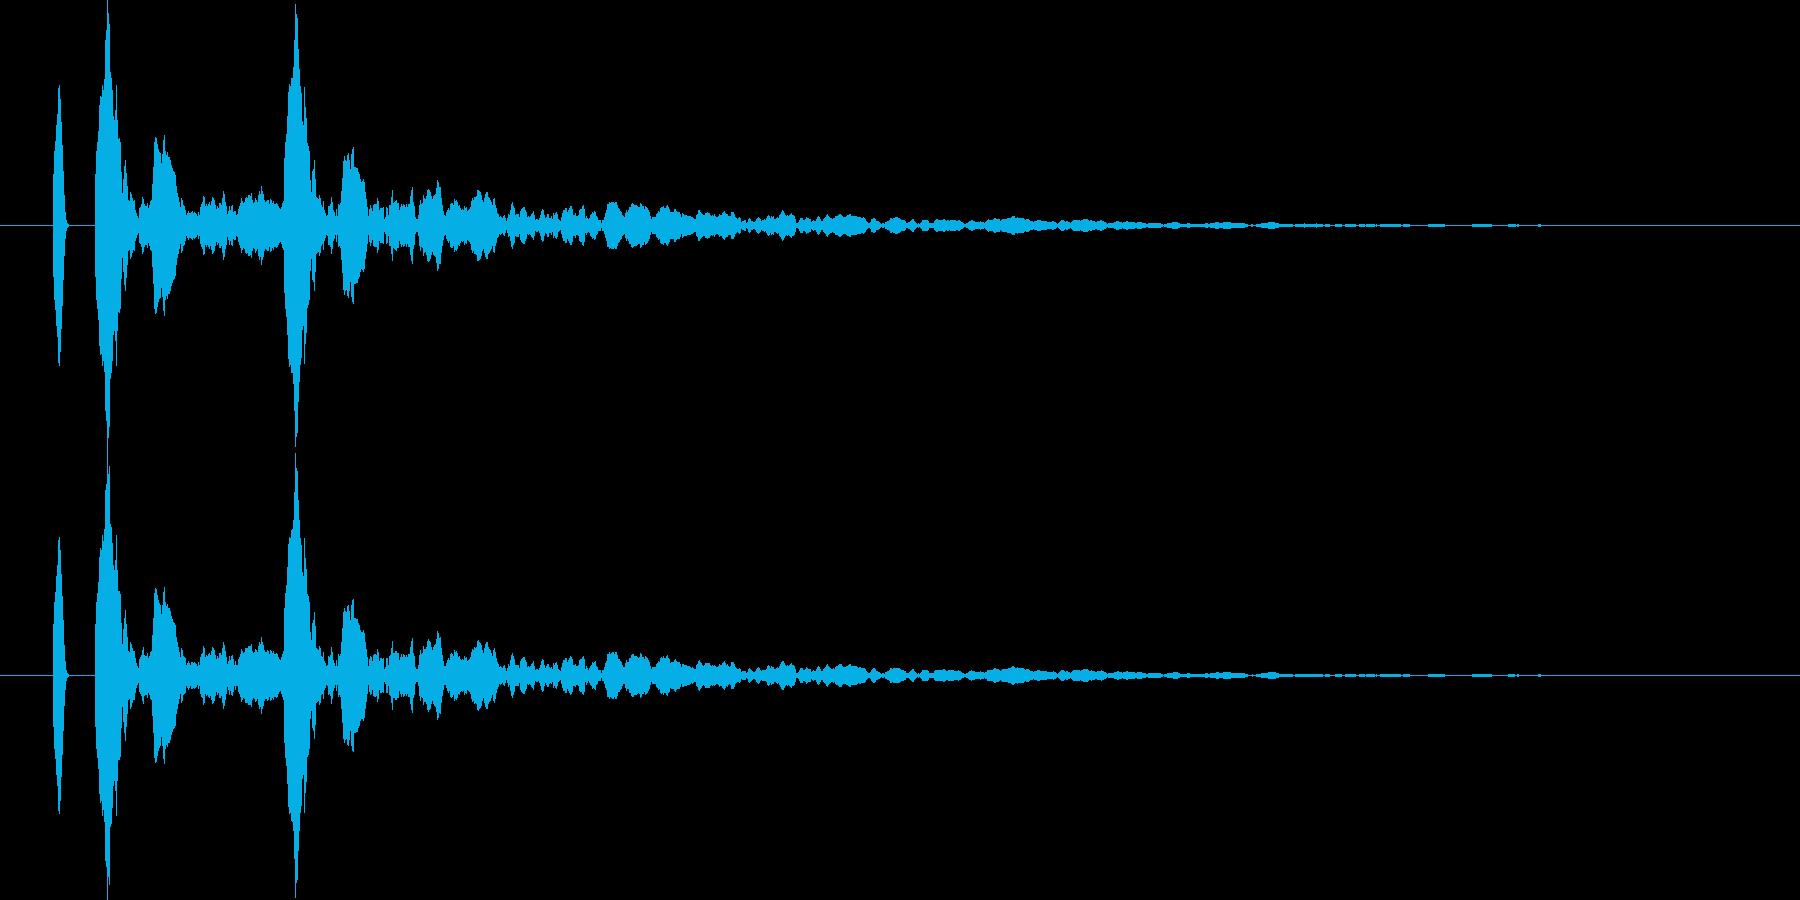 【カカン!】リアルな拍子木の効果音!02の再生済みの波形